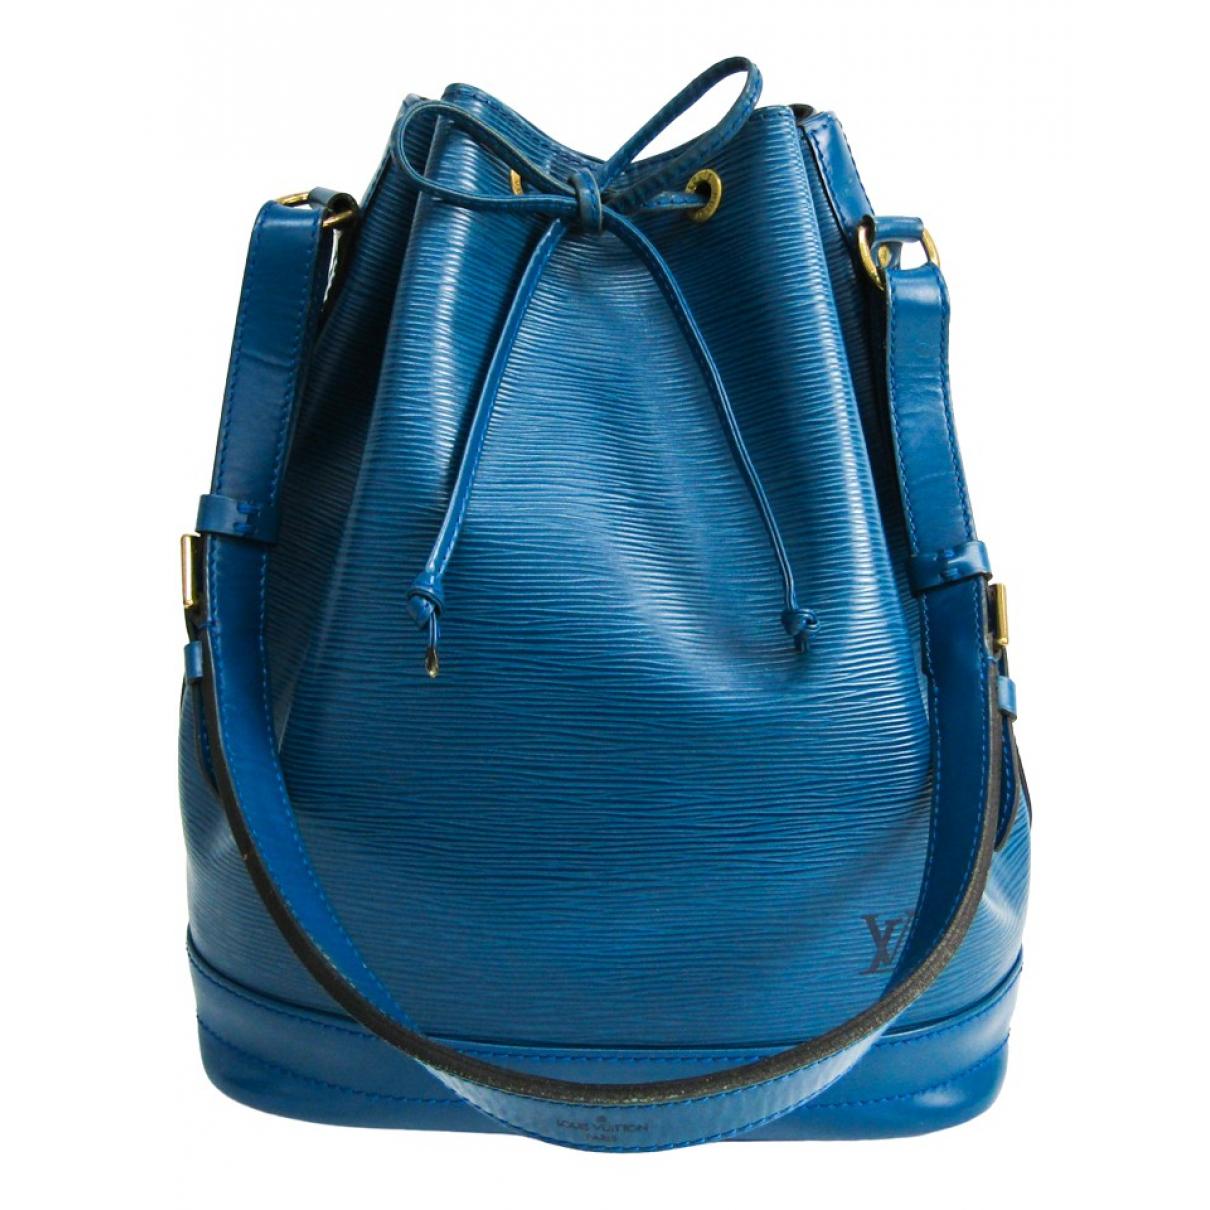 Louis Vuitton Noé Blue Leather handbag for Women \N